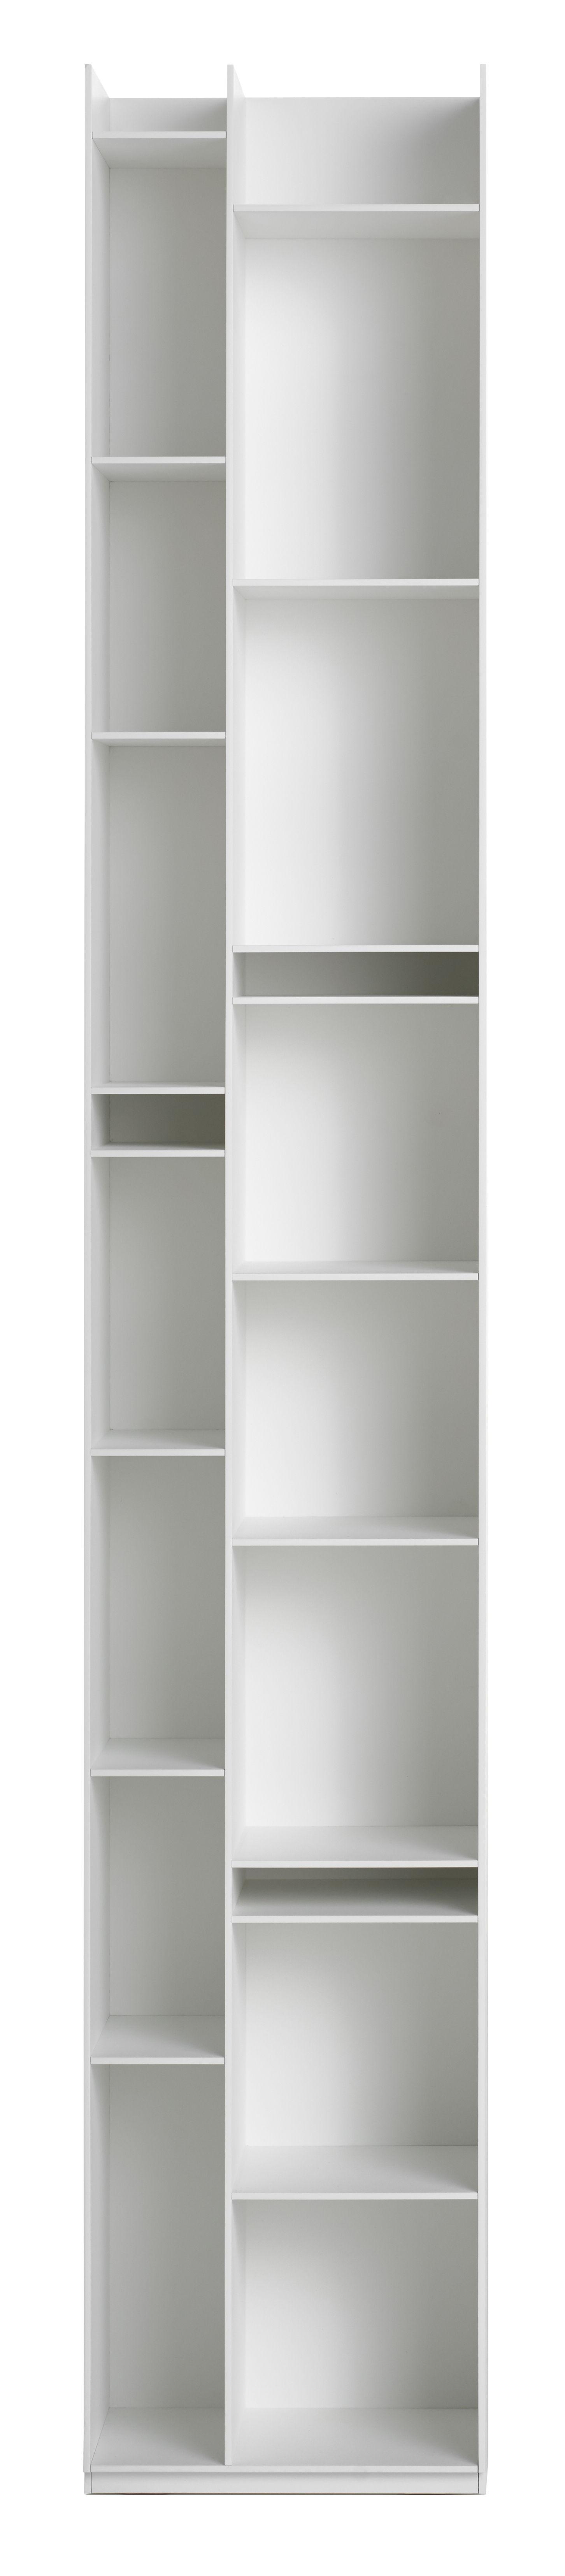 Mobilier - Etagères & bibliothèques - Bibliothèque Random 2C / L 36 x H 217 cm - MDF Italia - Blanc - Fibre de bois